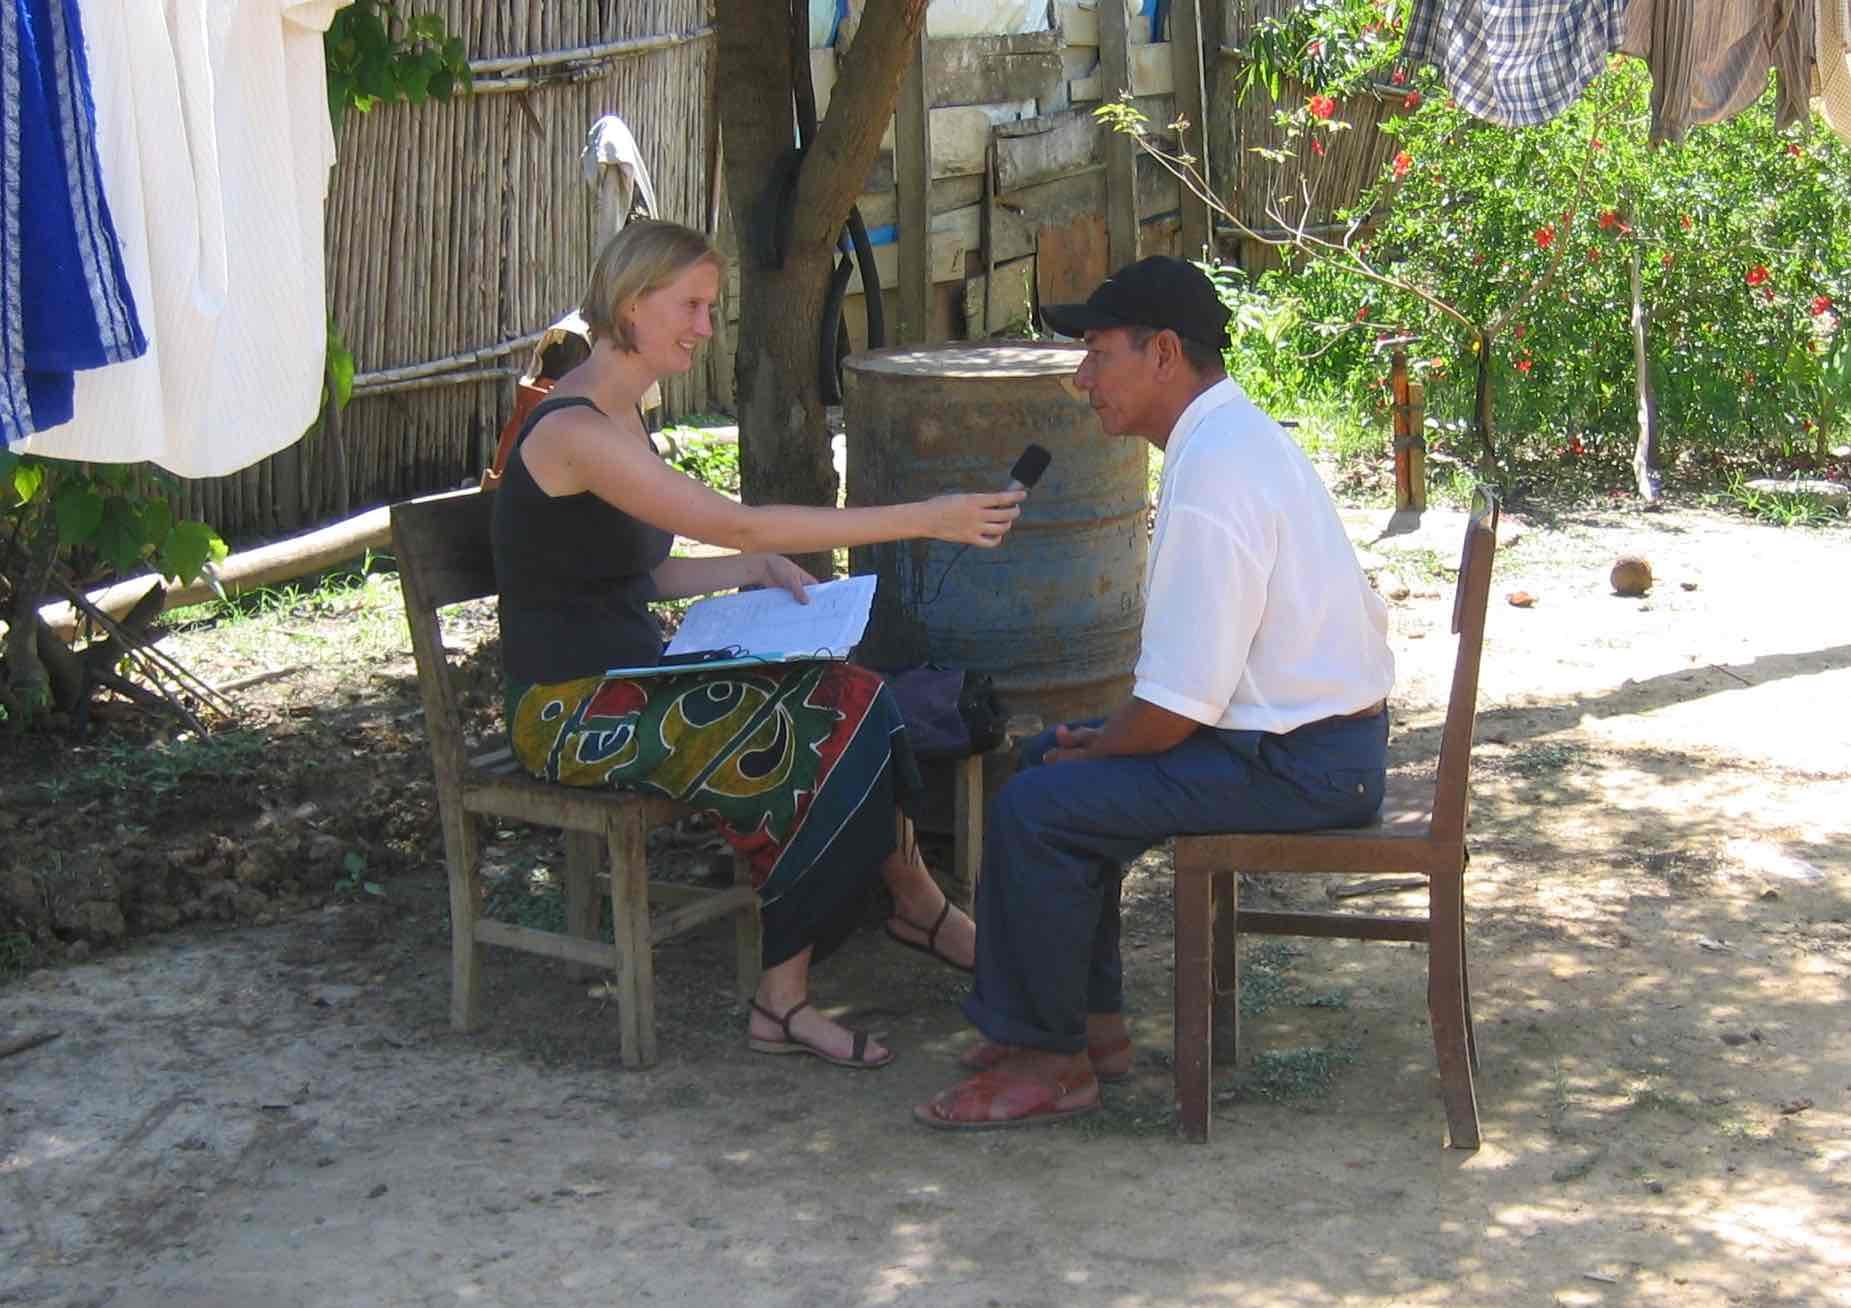 Séance de collecte de données du mojeño trinitario de Françoise Rose auprès de Leonardo Jou Ichu, le 22 octobre 2005 à Trinidad en Bolivie